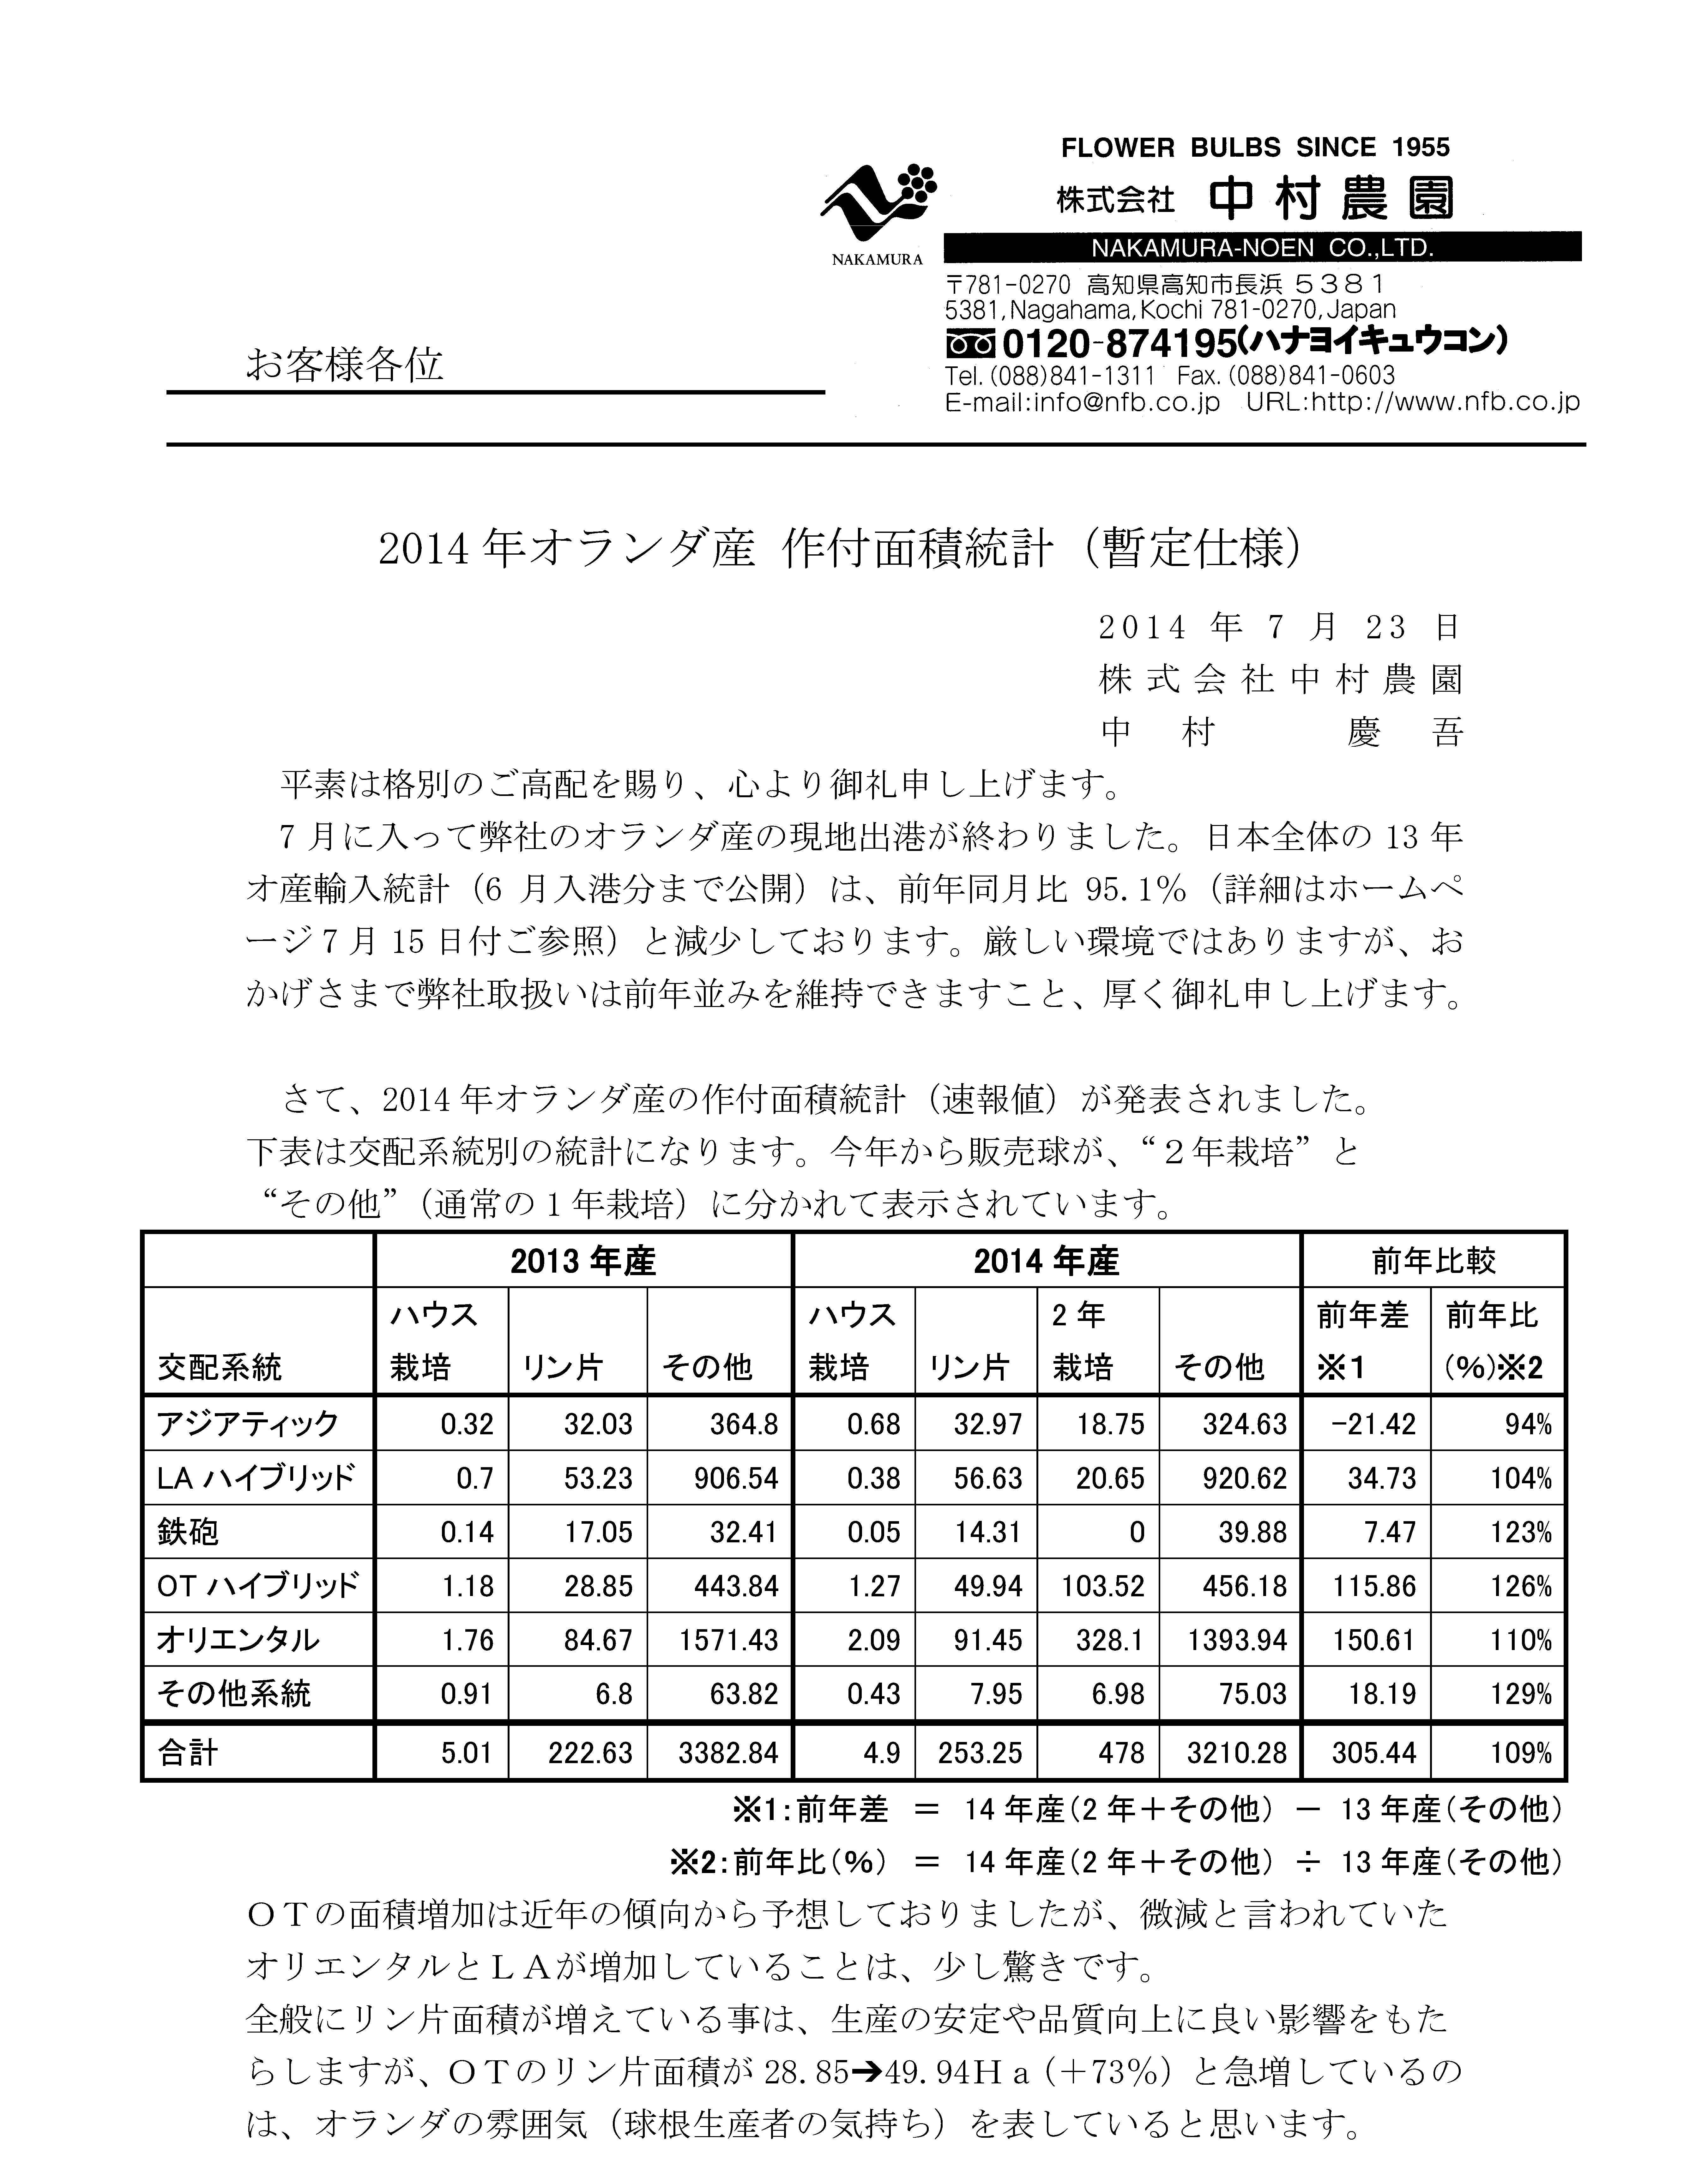 2014年オランダ産 作付面積統計(暫定仕様)(2014/7/23)